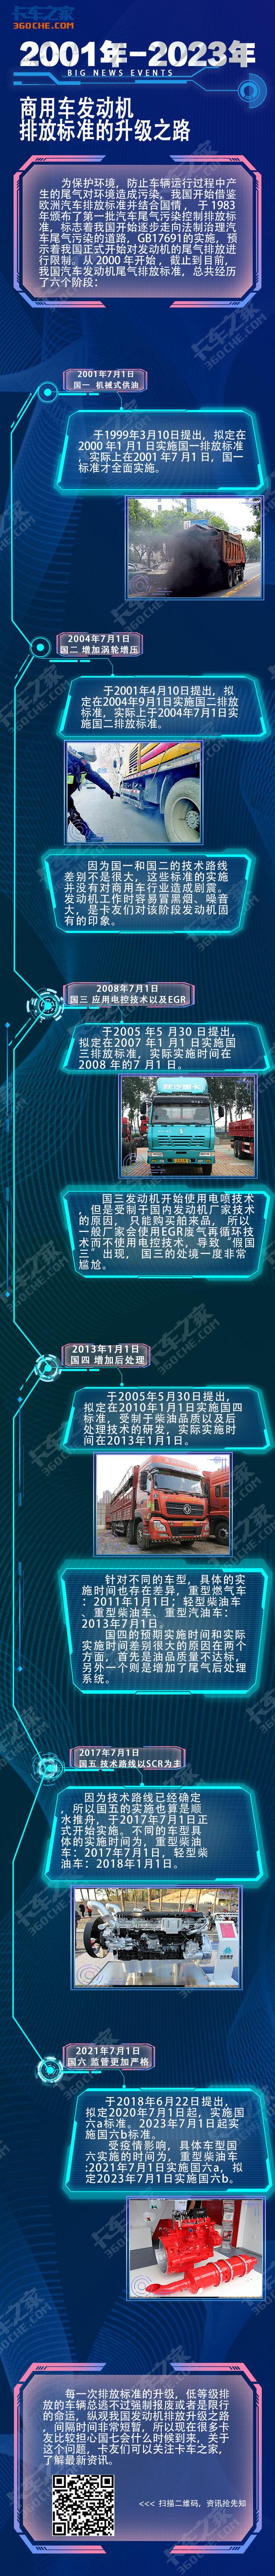 一张图让你看懂国一到国六发动机的升级之旅